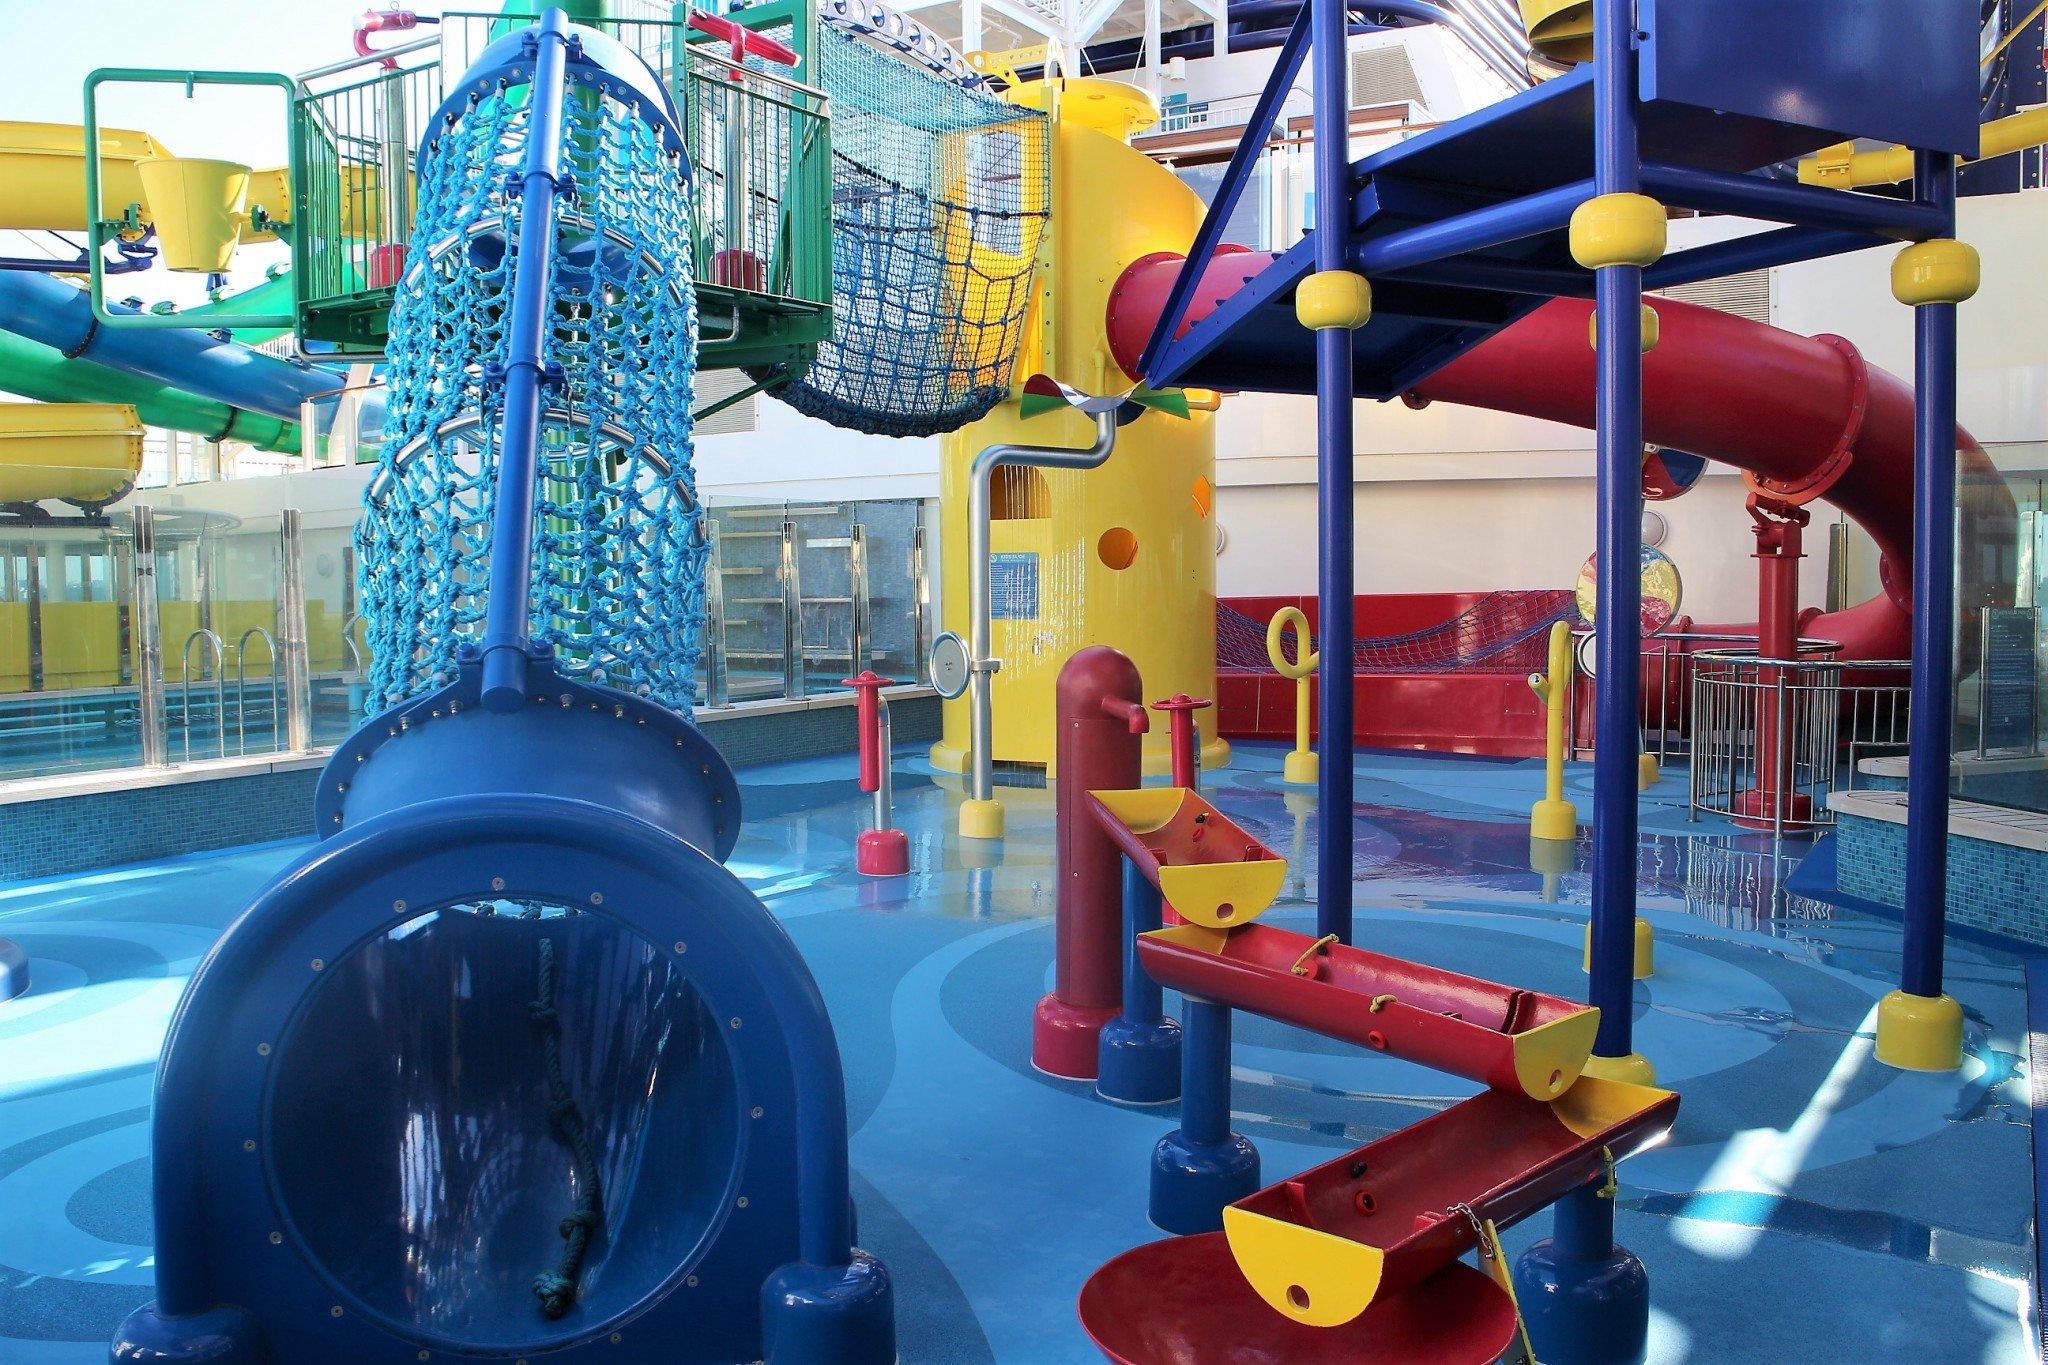 Norwegian Escape Aqua Park